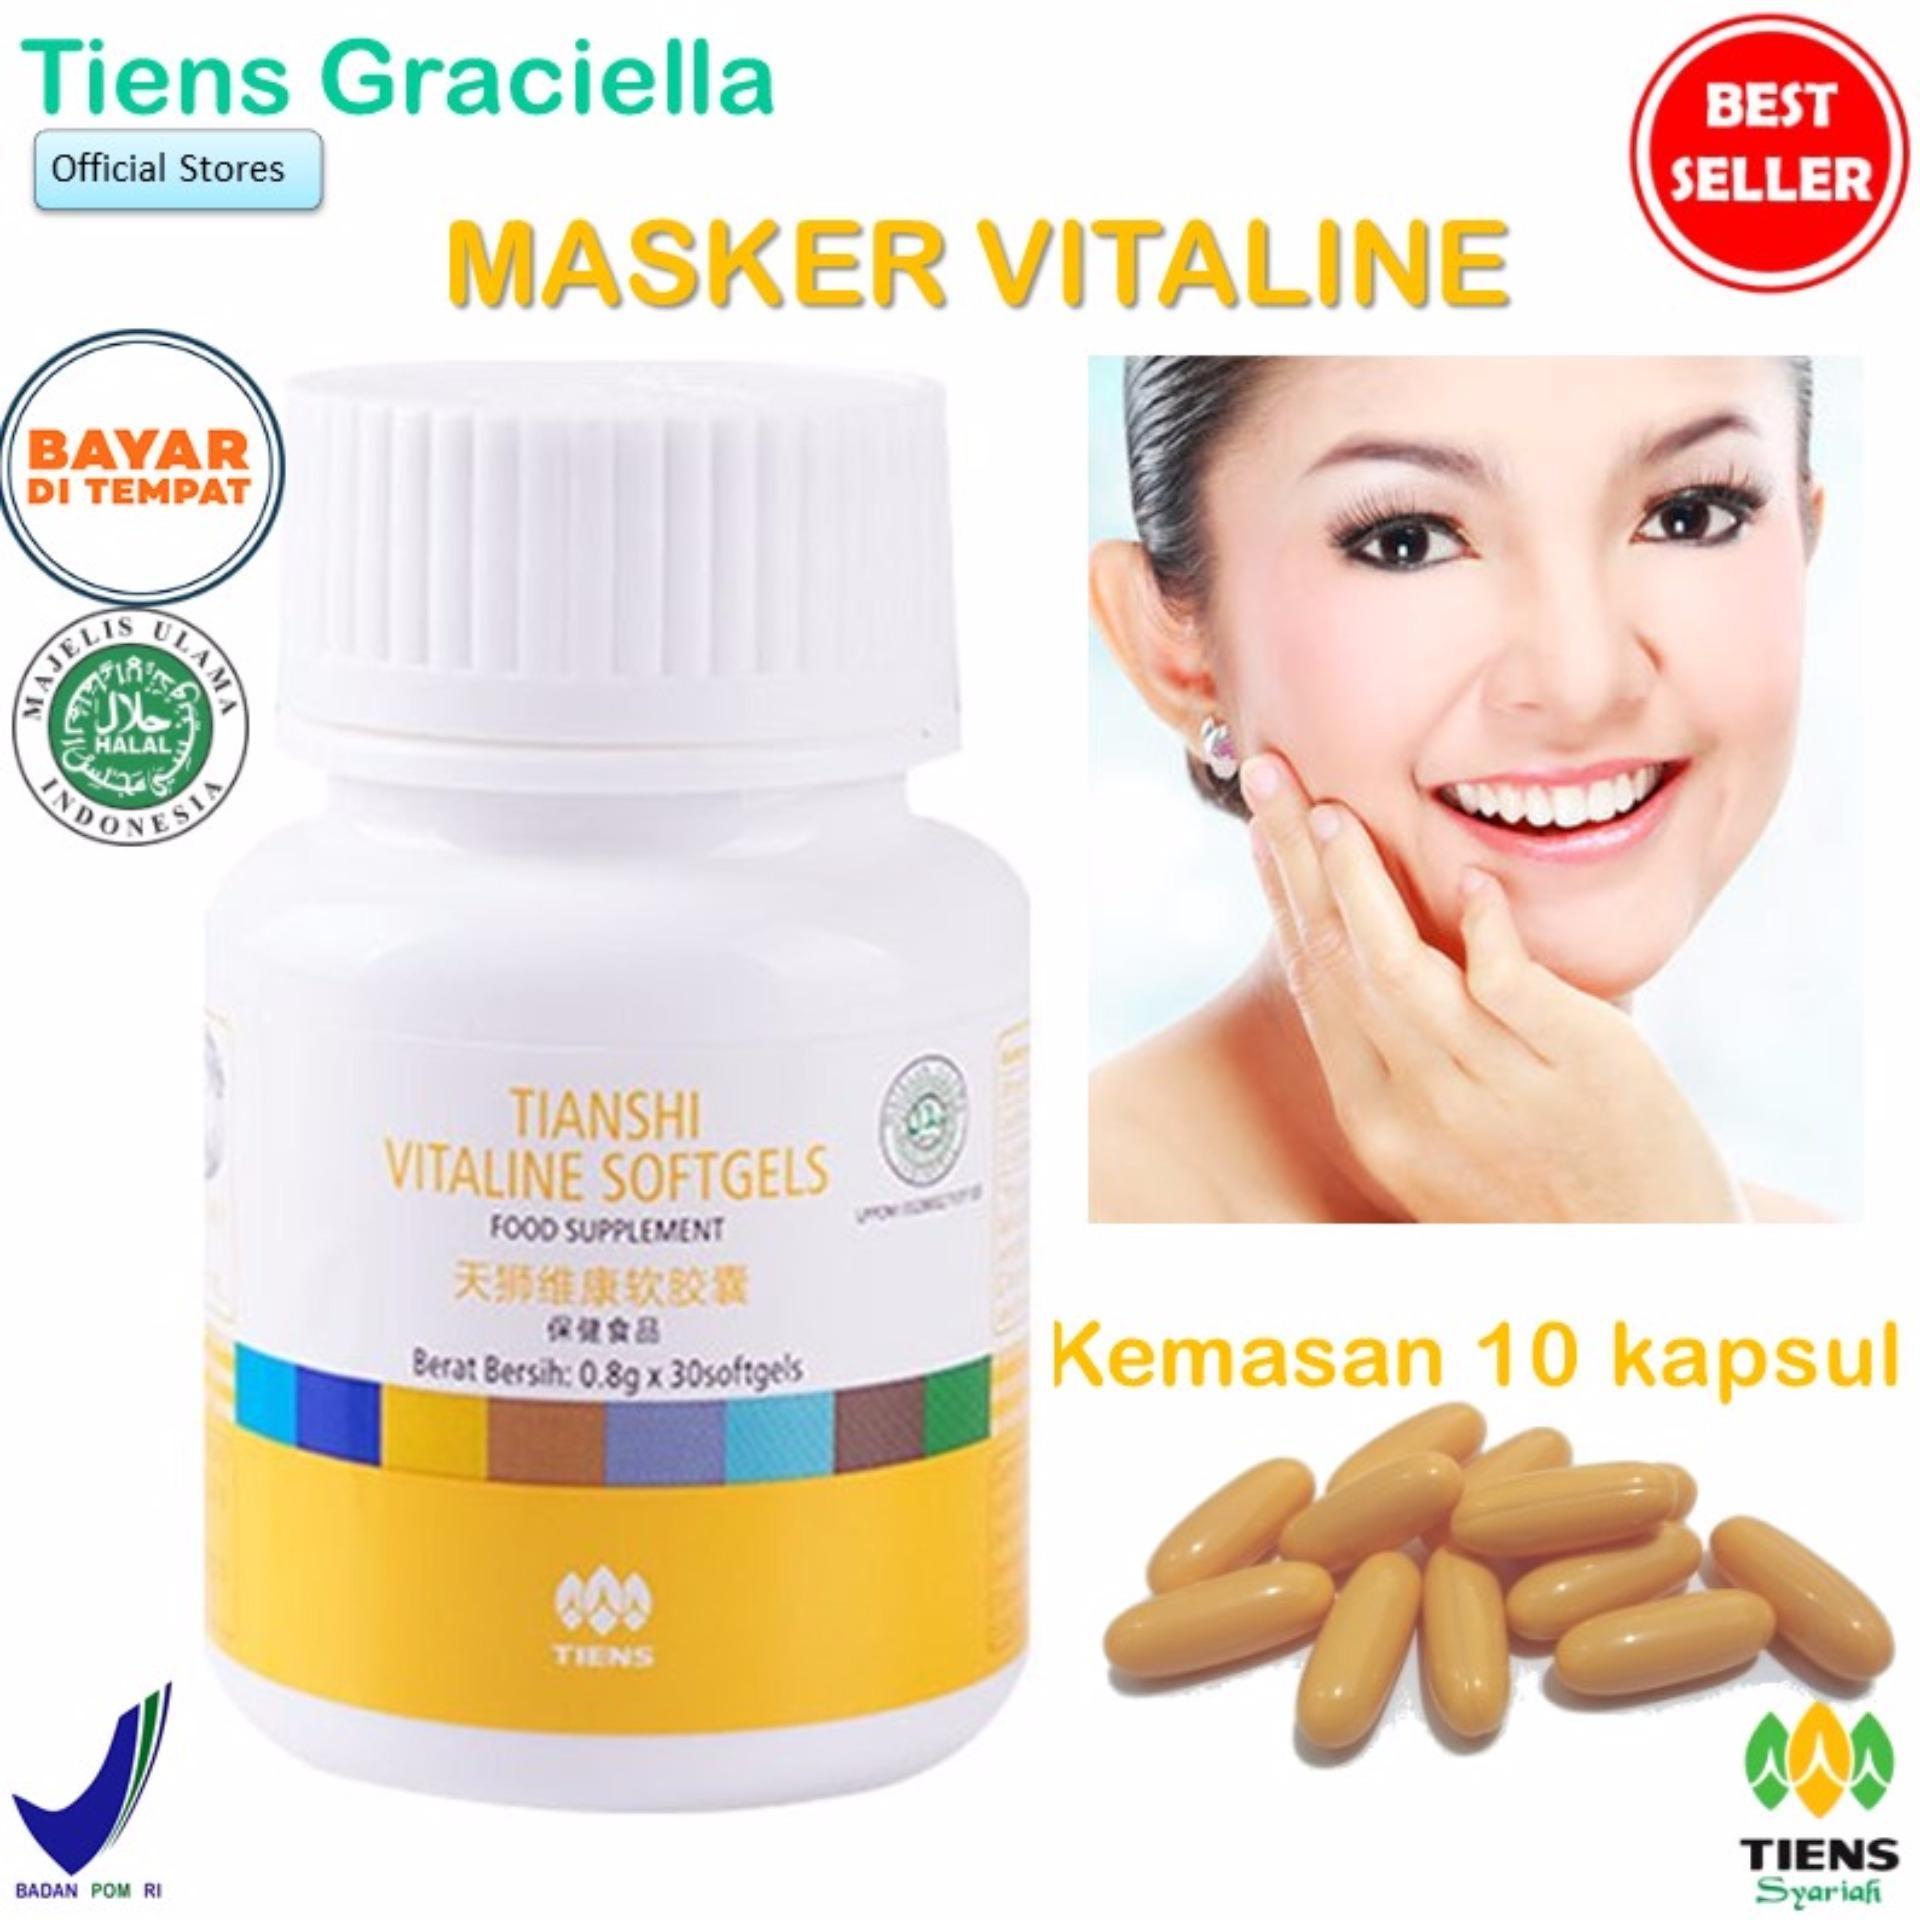 Tiens Promo Spesial Vitaline - Vitamin E Pembersih Flek & Jerawat 10 softgel + GRATIS Kartu Diskon Tiens Graciella